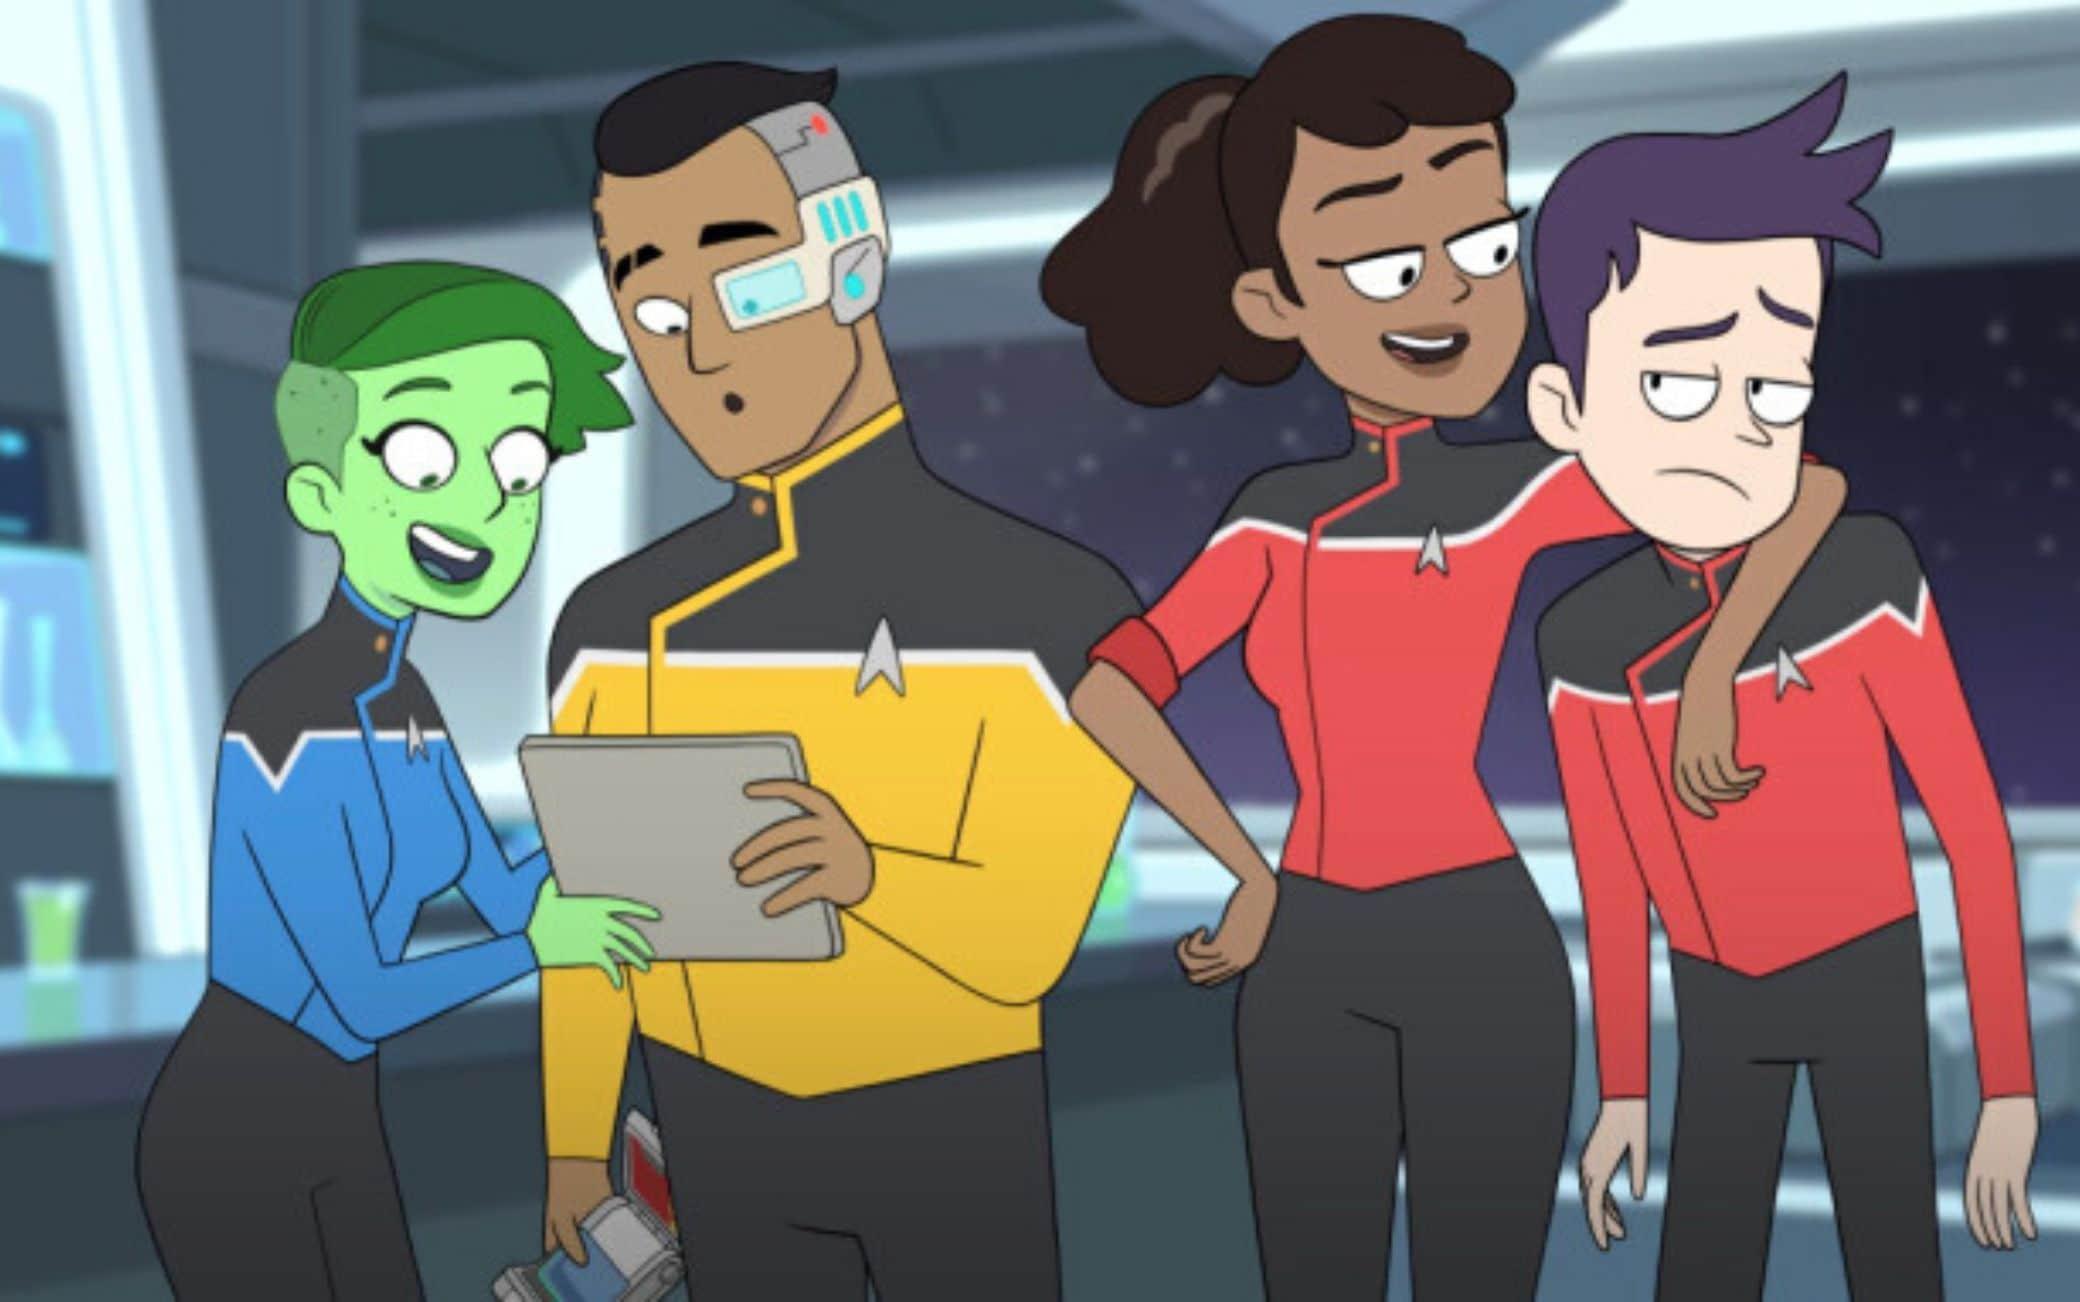 Il trailer di Lower Decks, la serie animata comica di Star Trek